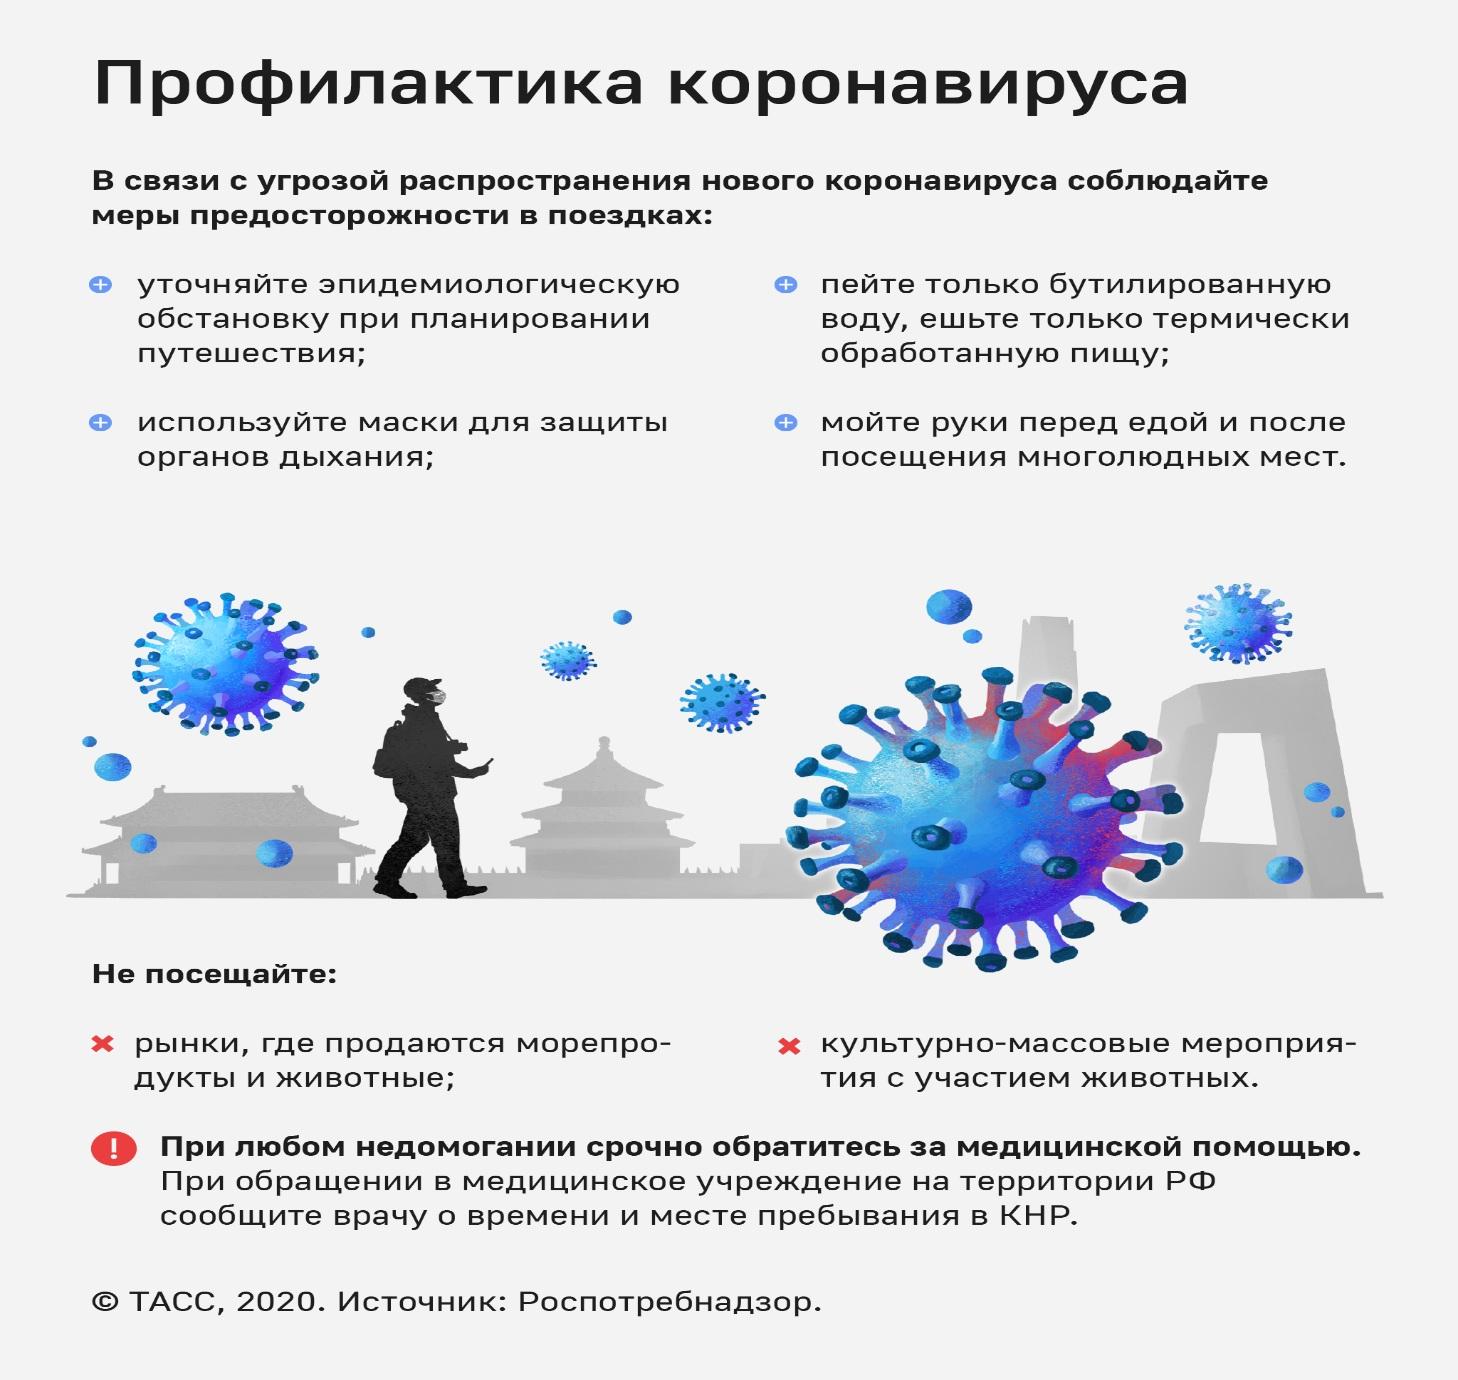 кишечные коронавирусы человека